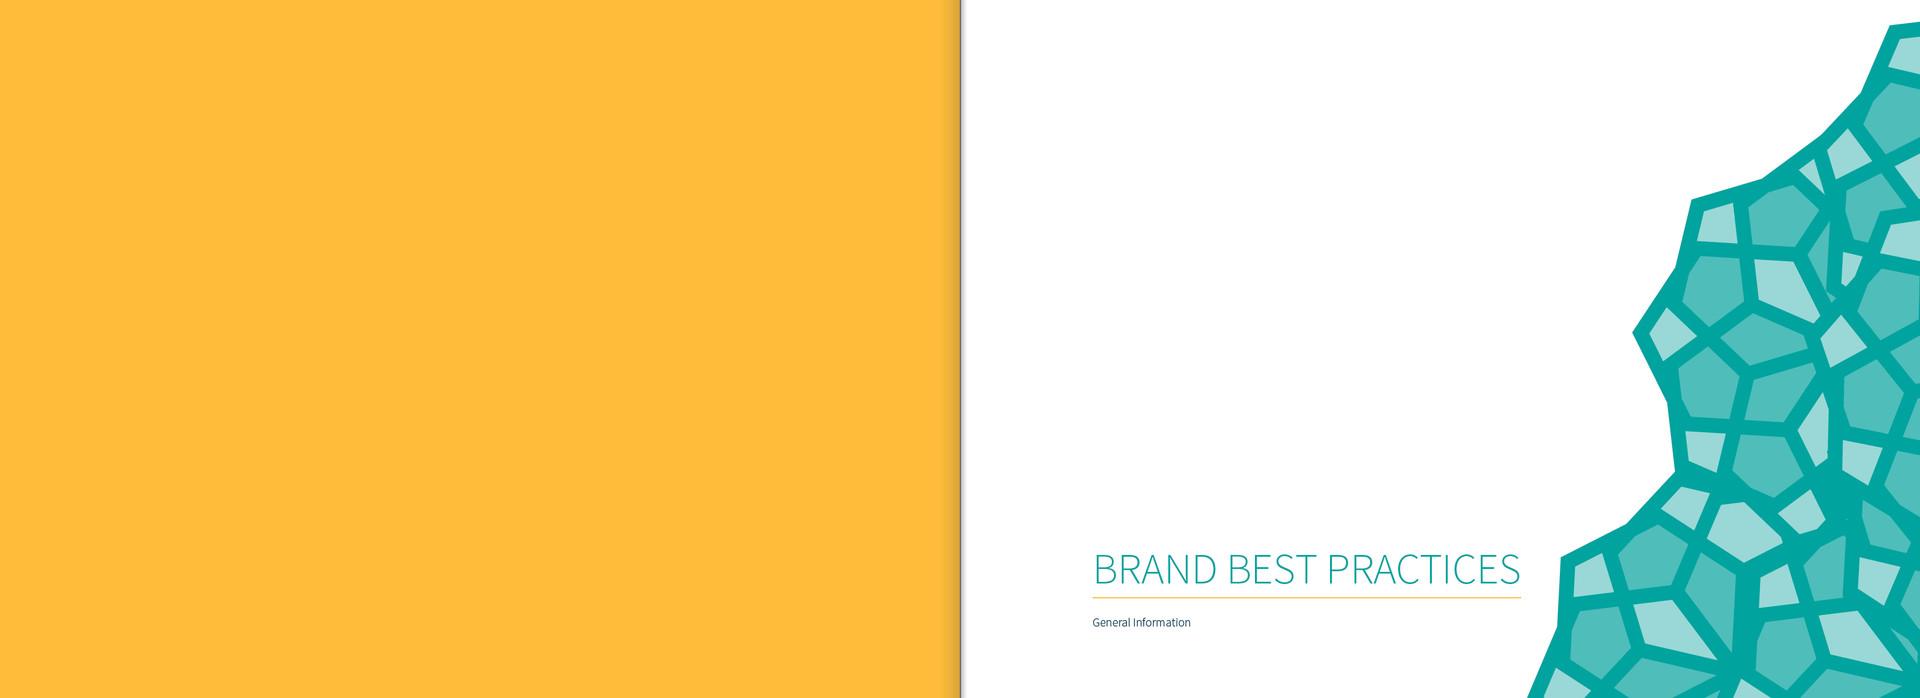 BrandBook33.jpg